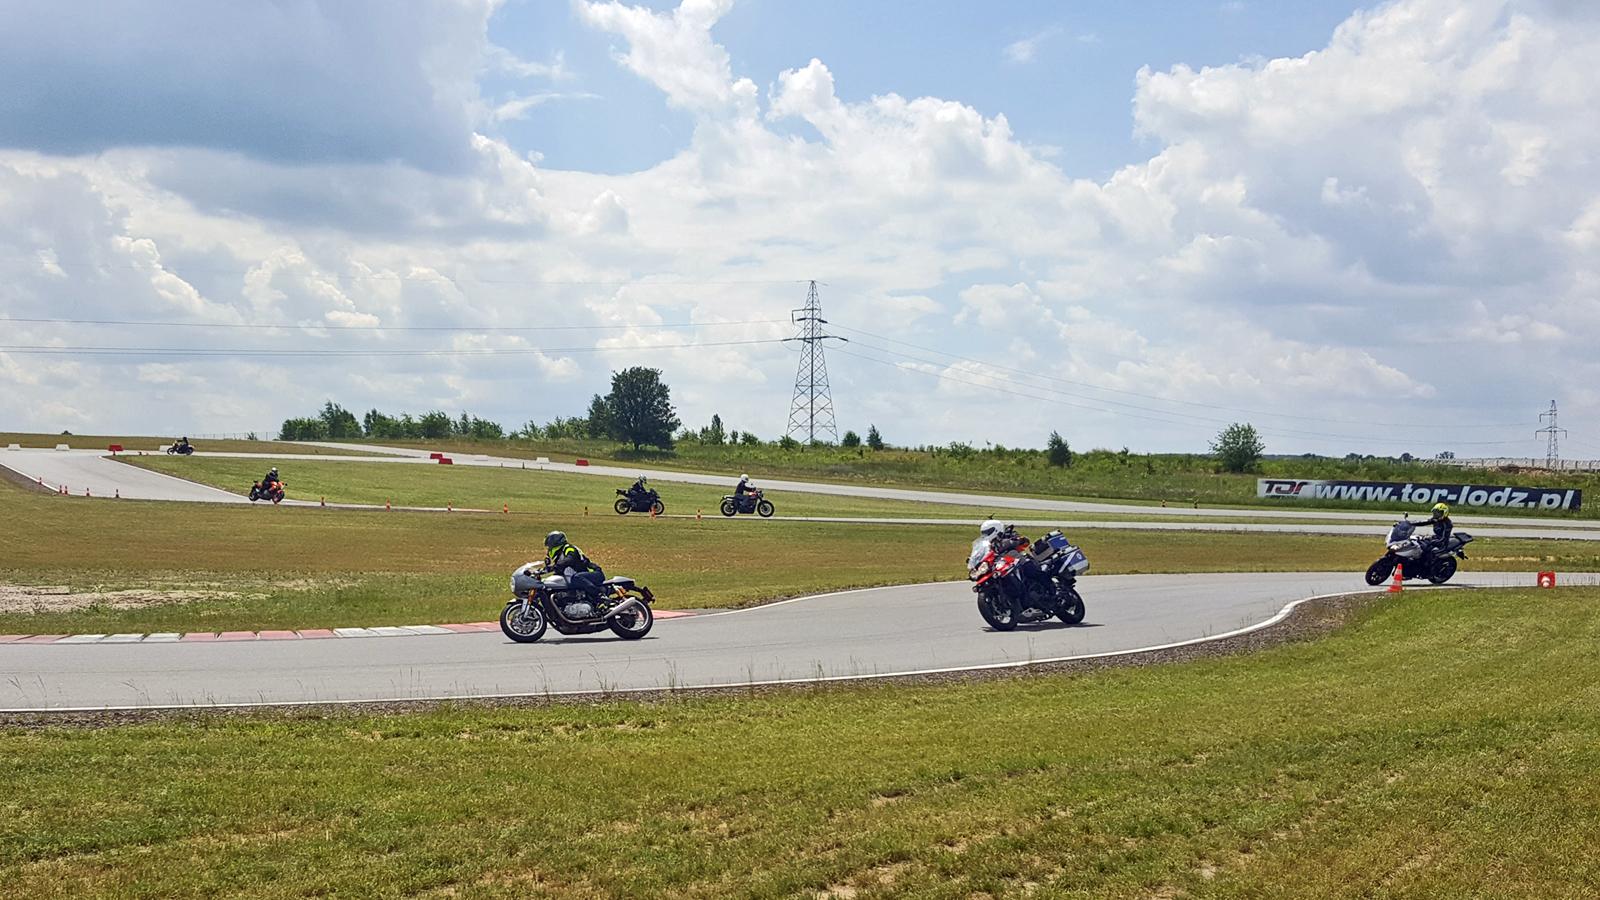 Triumph ride event